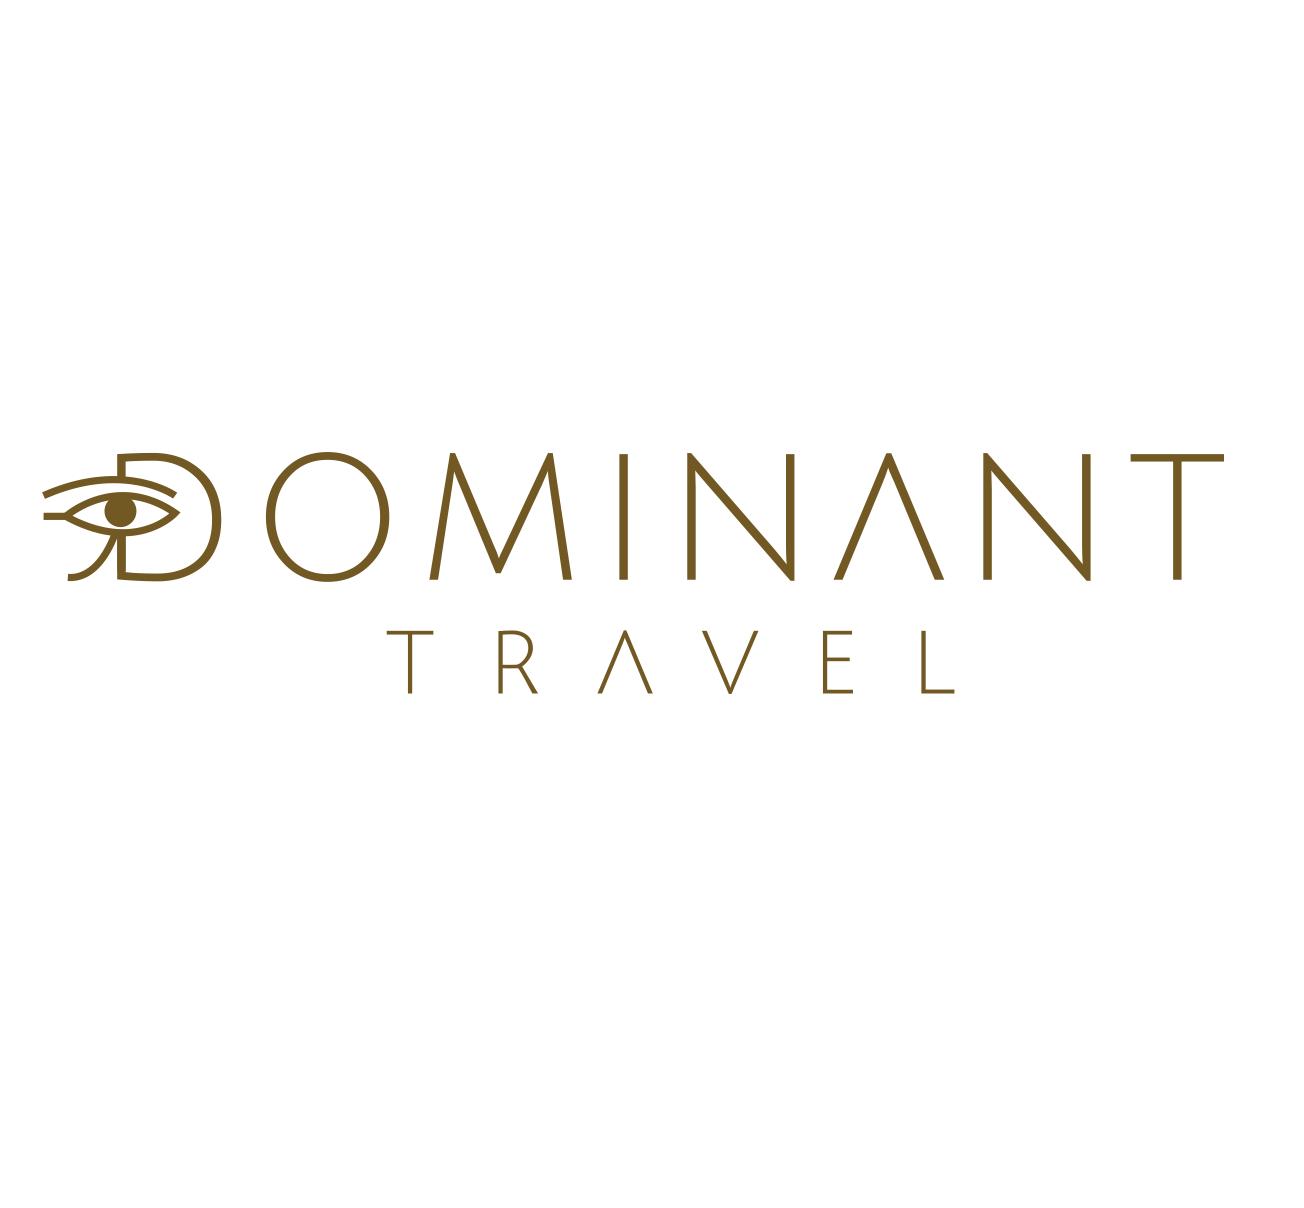 Dominant Travel